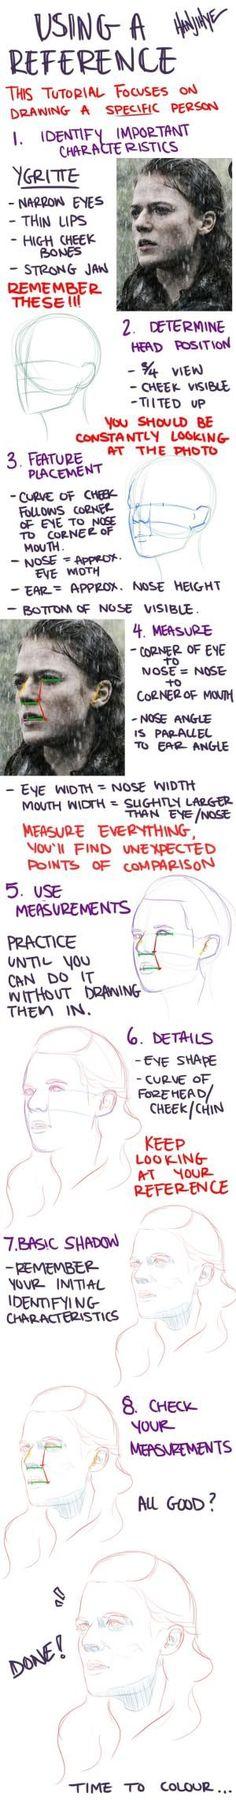 Me gustaría ser mejor en tomar notas de referencias! Yo sólo los uso para recrear, esto parece muy útil ^^ by paco197